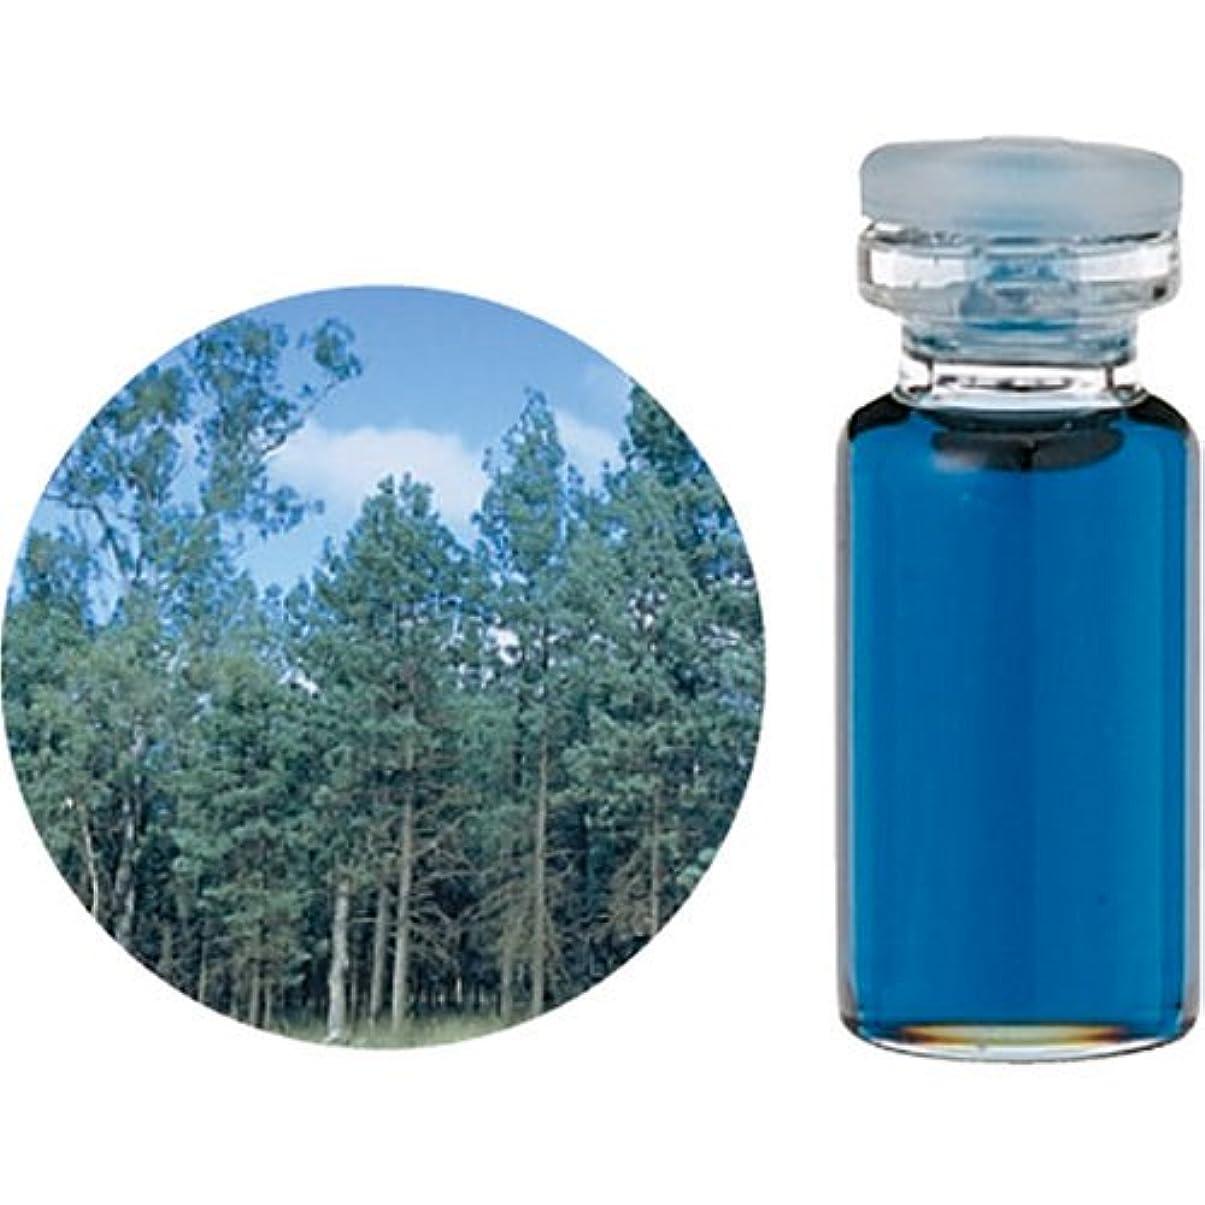 バーターあいまいなチューブ生活の木 C ブルー サイプレス エッセンシャルオイル 10ml